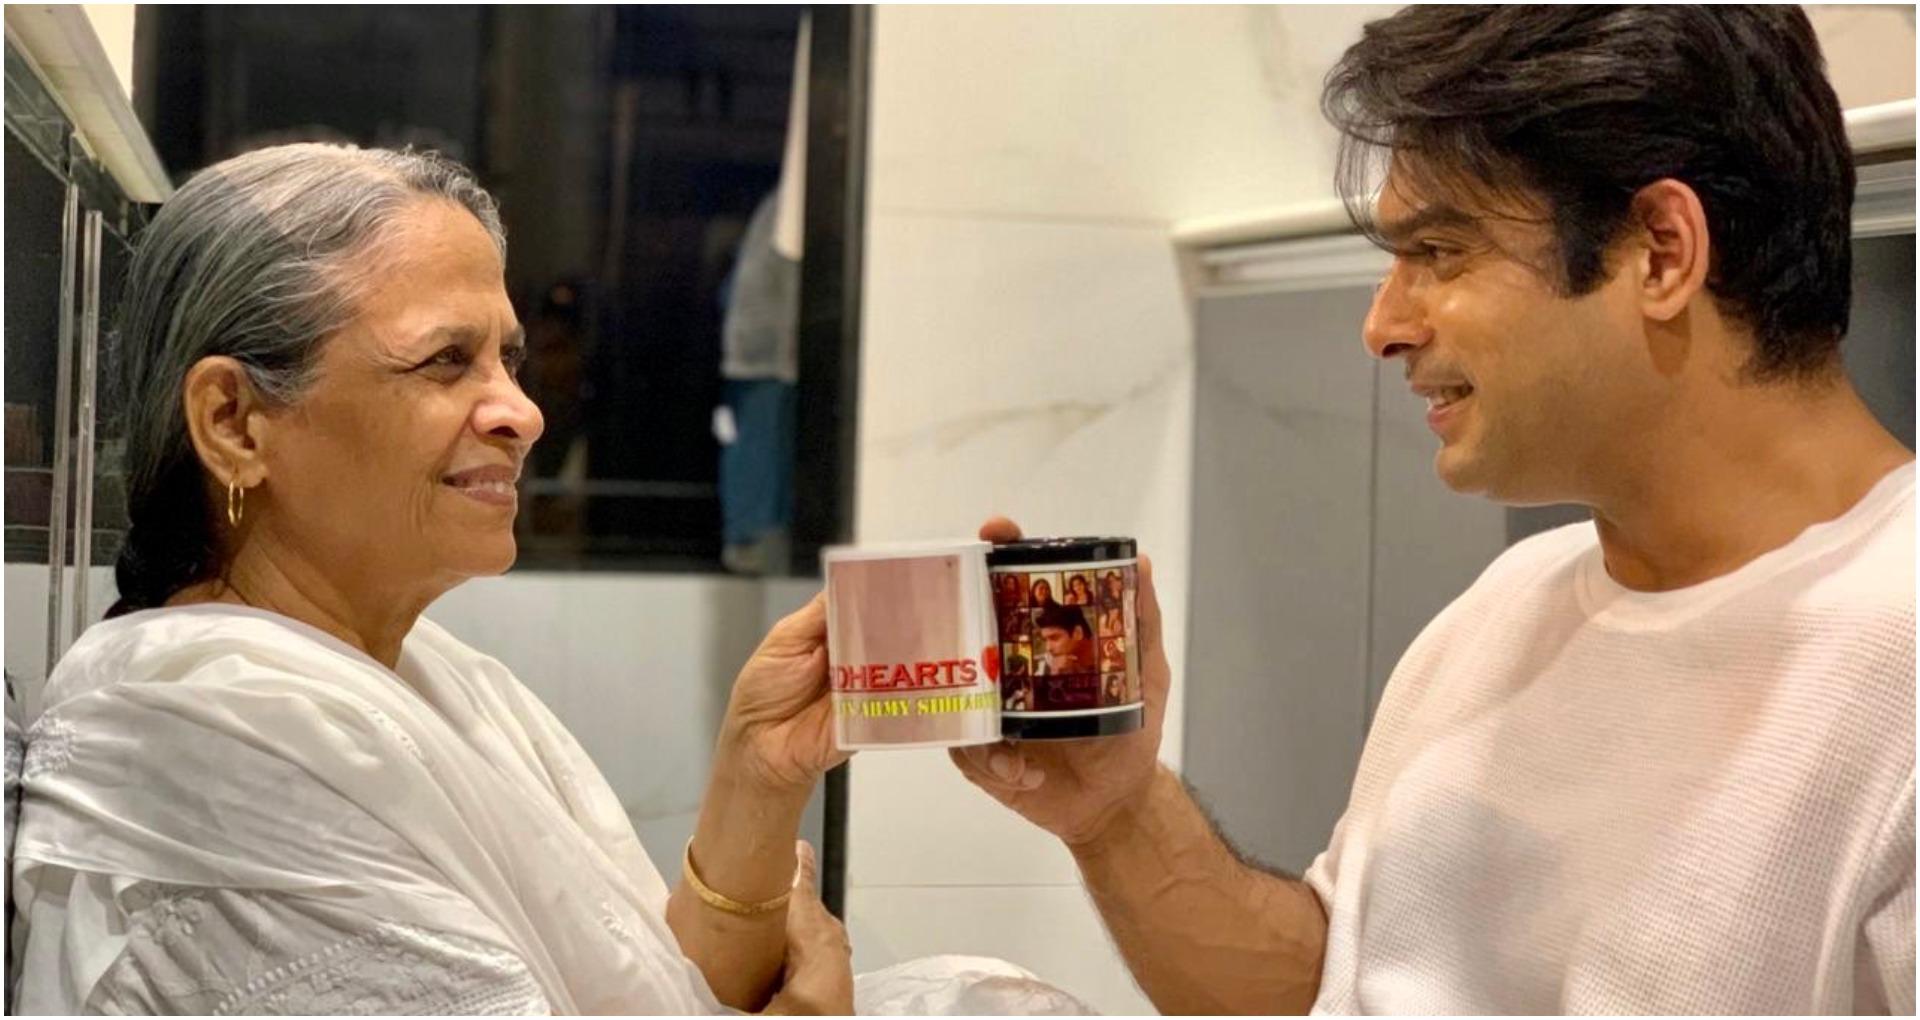 सिद्धार्थ शुक्ला को पसंद हैं सिर्फ मां के हाथ का खाना, कहा- घर में जो भी बनता है ख़ास होता है! जानें पूरी कहानी